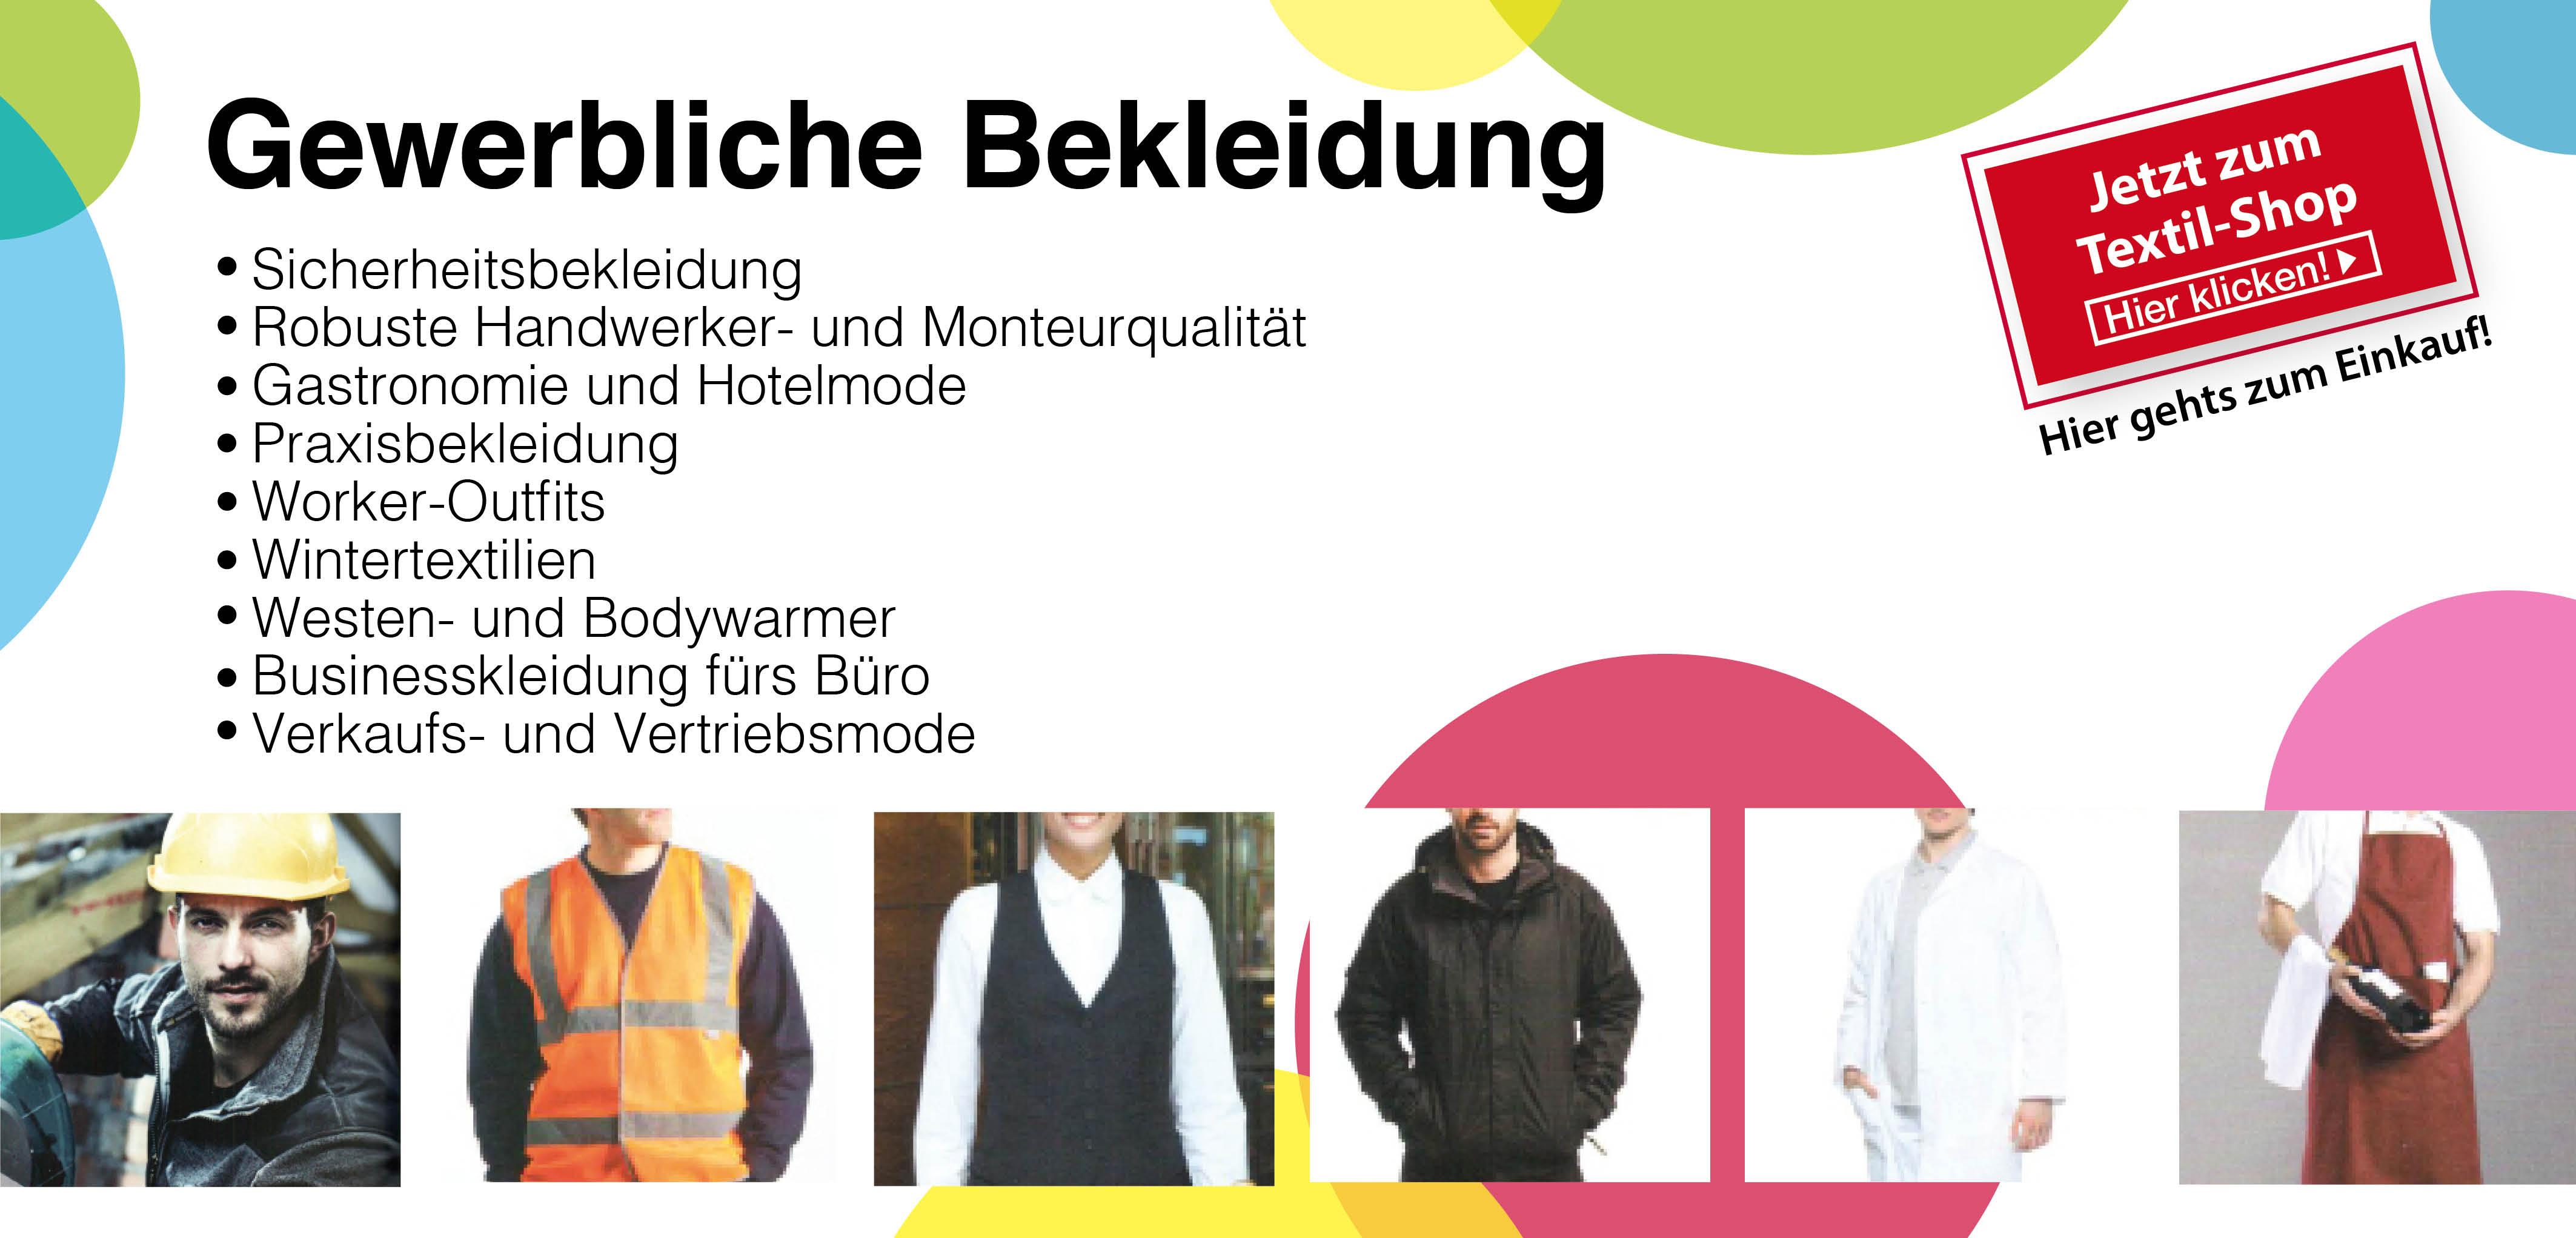 Textil-Shop